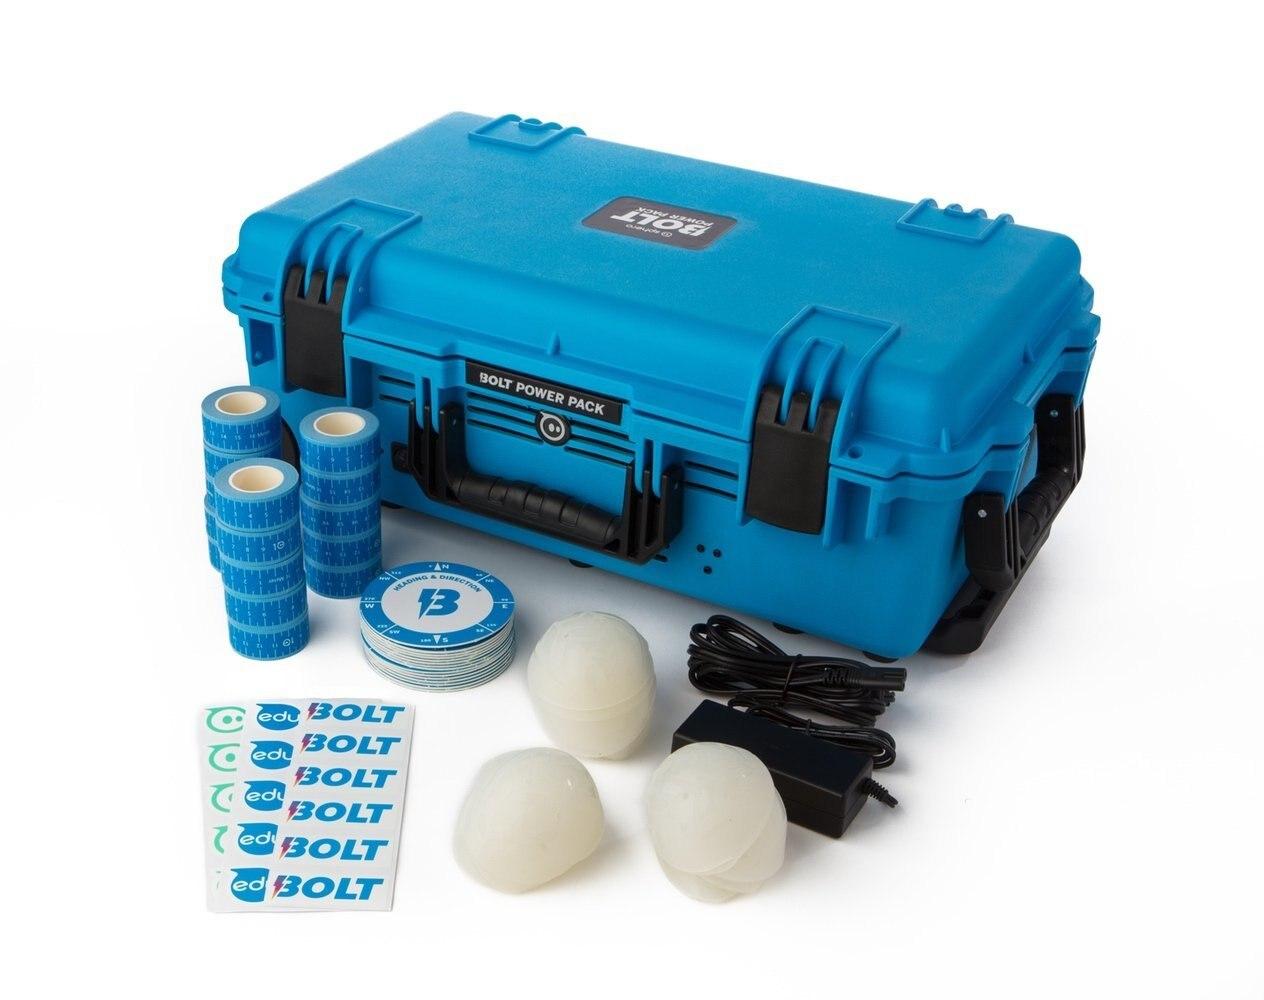 Sphero_BOLT_Power_Pack__33331.1550022031.jpg